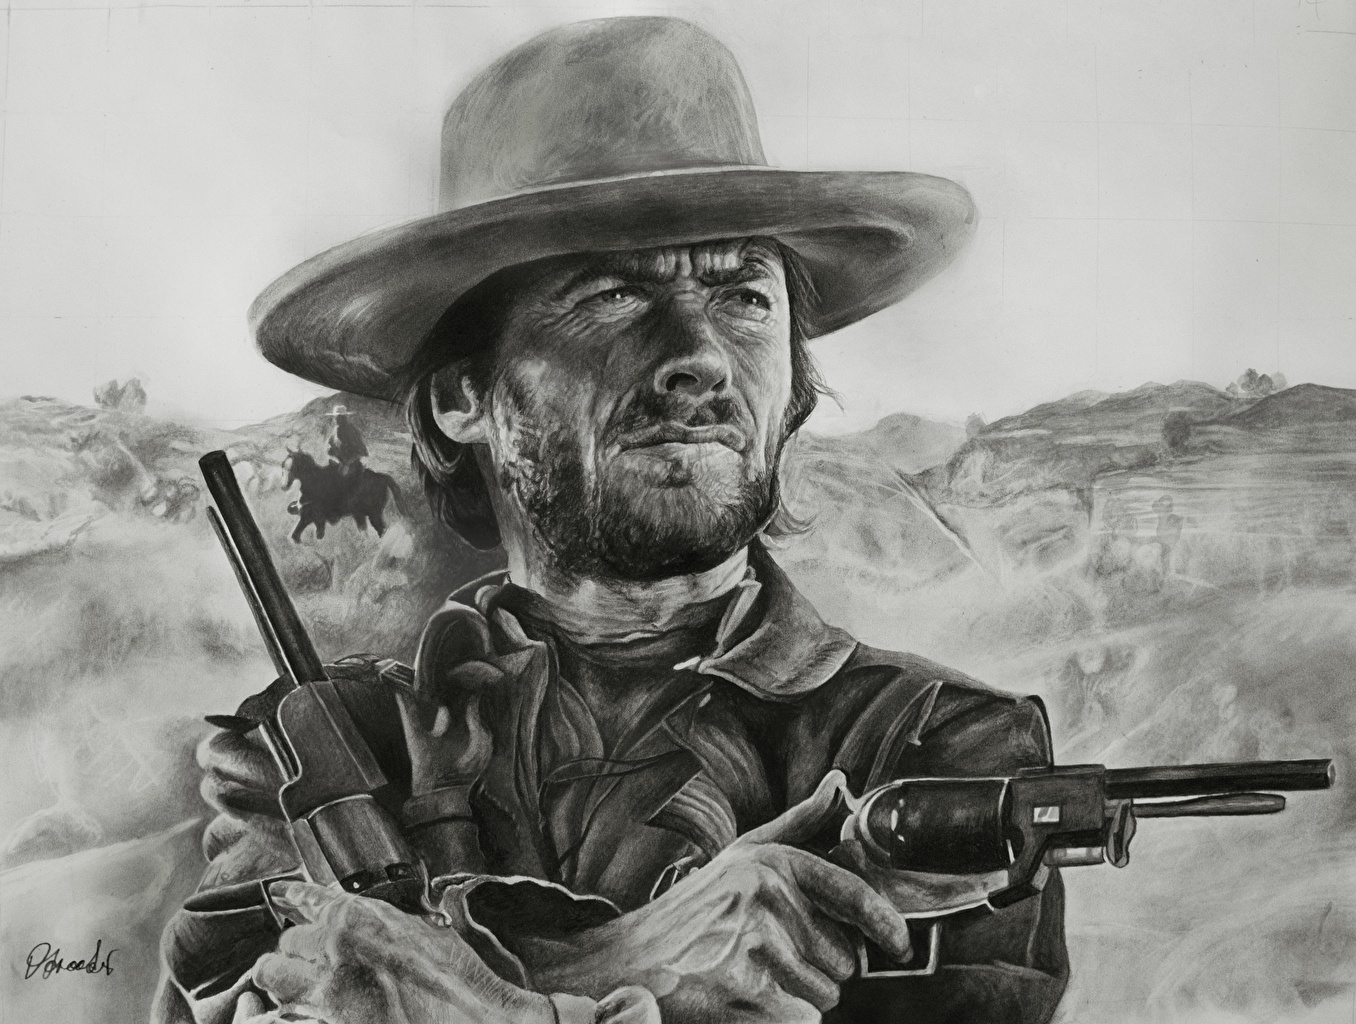 Фото Clint Eastwood пистолет револьвера Мужчины Шляпа Рисованные Знаменитости Клинт Иствуд Пистолеты Револьвер пистолетом мужчина шляпе шляпы